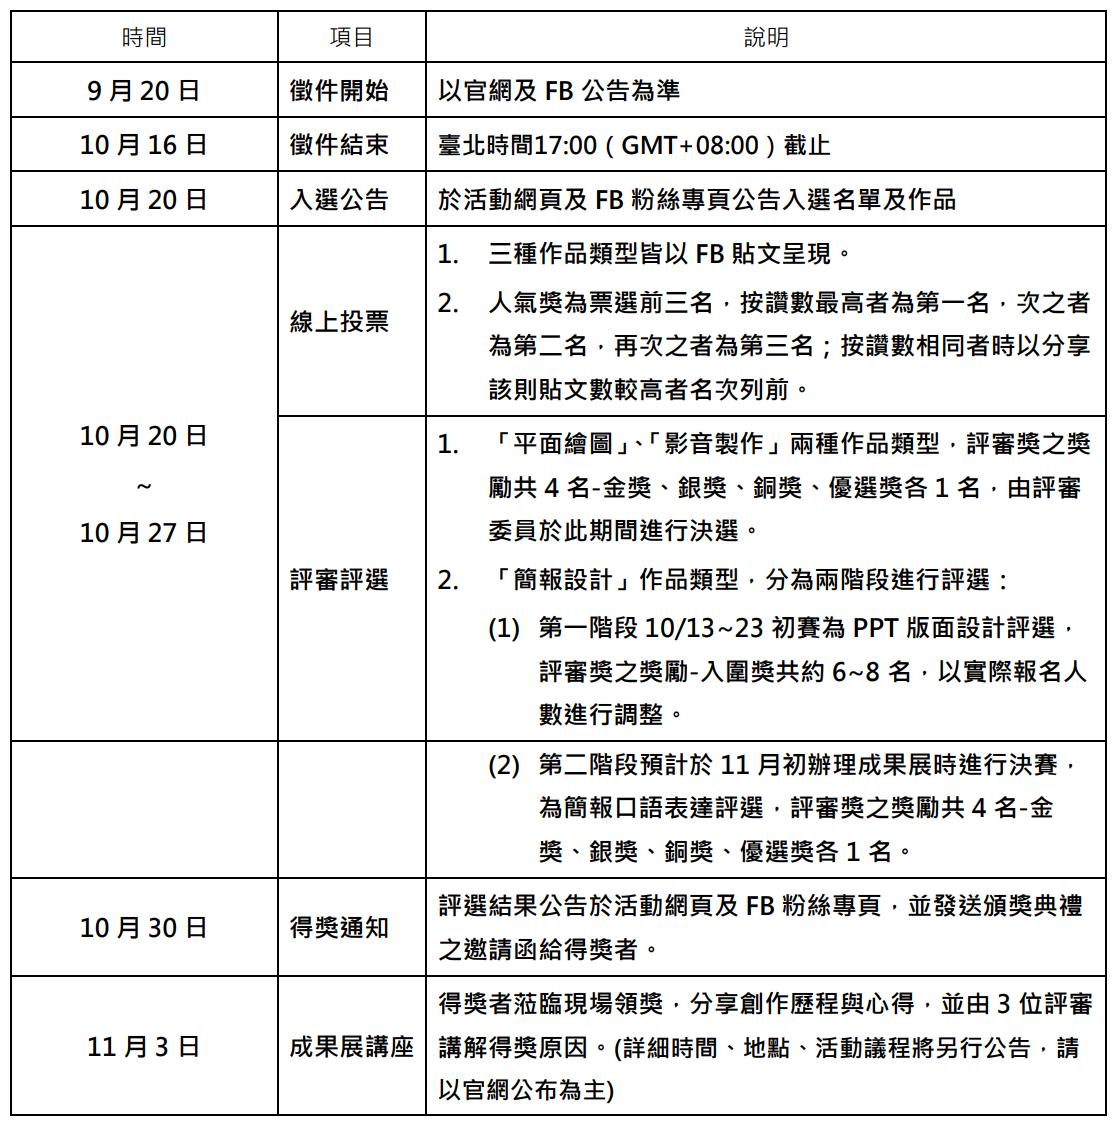 時間 項目 說明 9 月 20 日 徵件開始 以官網及 FB 公告為準 10 月 16 日 徵件結束 臺北時間17:00(GMT+08:00)截止 10 月 20 日 入選公告 於活動網頁及 FB 粉絲專頁公告入選名單及作品 10 月 20 日 ~ 10 月 27 日 線上投票 1. 三種作品類型皆以 FB 貼文呈現。 2. 人氣獎為票選前三名,按讚數最高者為第一名,次之者 為第二名,再次之者為第三名;按讚數相同者時以分享 該則貼文數較高者名次列前。 評審評選 1. 「平面繪圖」、「影音製作」兩種作品類型,評審獎之獎 勵共 4 名-金獎、銀獎、銅獎、優選獎各 1 名,由評審 委員於此期間進行決選。 2. 「簡報設計」作品類型,分為兩階段進行評選: (1) 第一階段 10/13~23 初賽為 PPT 版面設計評選, 評審獎之獎勵-入圍獎共約 6~8 名,以實際報名人 數進行調整。 (2) 第二階段預計於 11 月初辦理成果展時進行決賽, 為簡報口語表達評選,評審獎之獎勵共 4 名-金 獎、銀獎、銅獎、優選獎各 1 名。 10 月 30 日 得獎通知 評選結果公告於活動網頁及 FB 粉絲專頁,並發送頒獎典禮 之邀請函給得獎者。 11 月 3 日 成果展講座 得獎者蒞臨現場領獎,分享創作歷程與心得,並由 3 位評審 講解得獎原因。(詳細時間、地點、活動議程將另行公告,請 以官網公布為主)